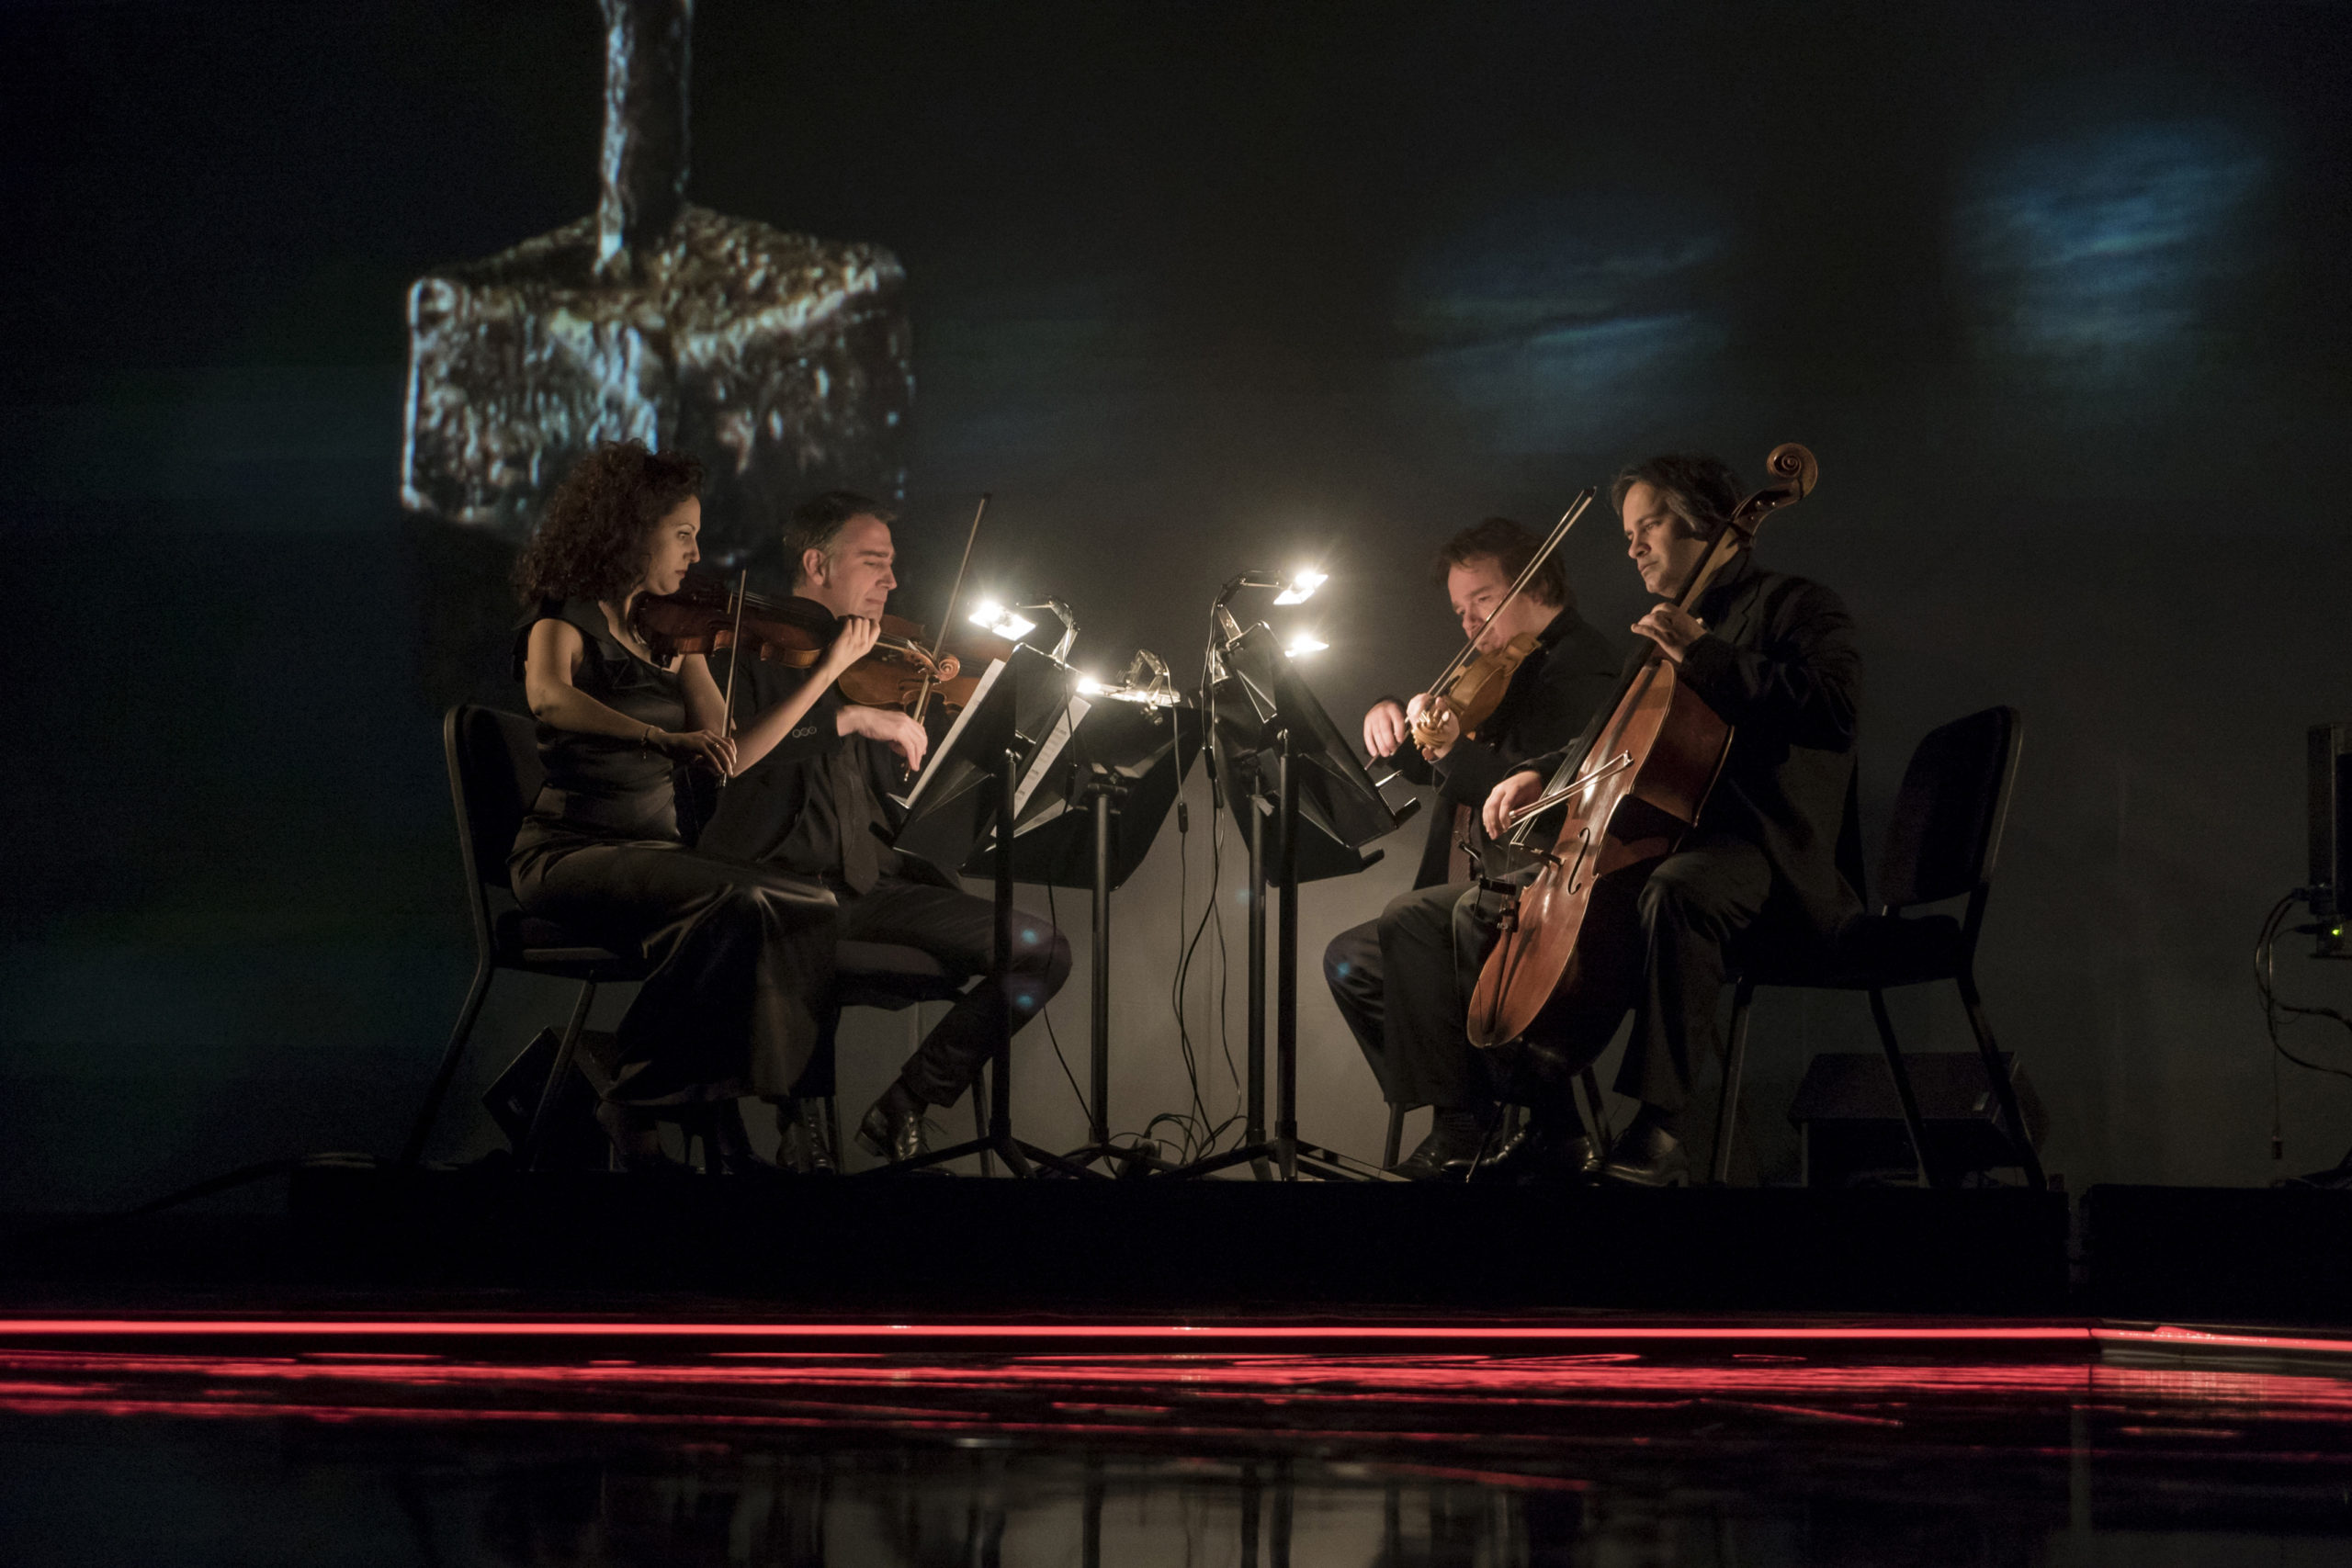 Shine a light agence évènementielle luxembourg - créateur d'expériences immersives - FilmPraïs